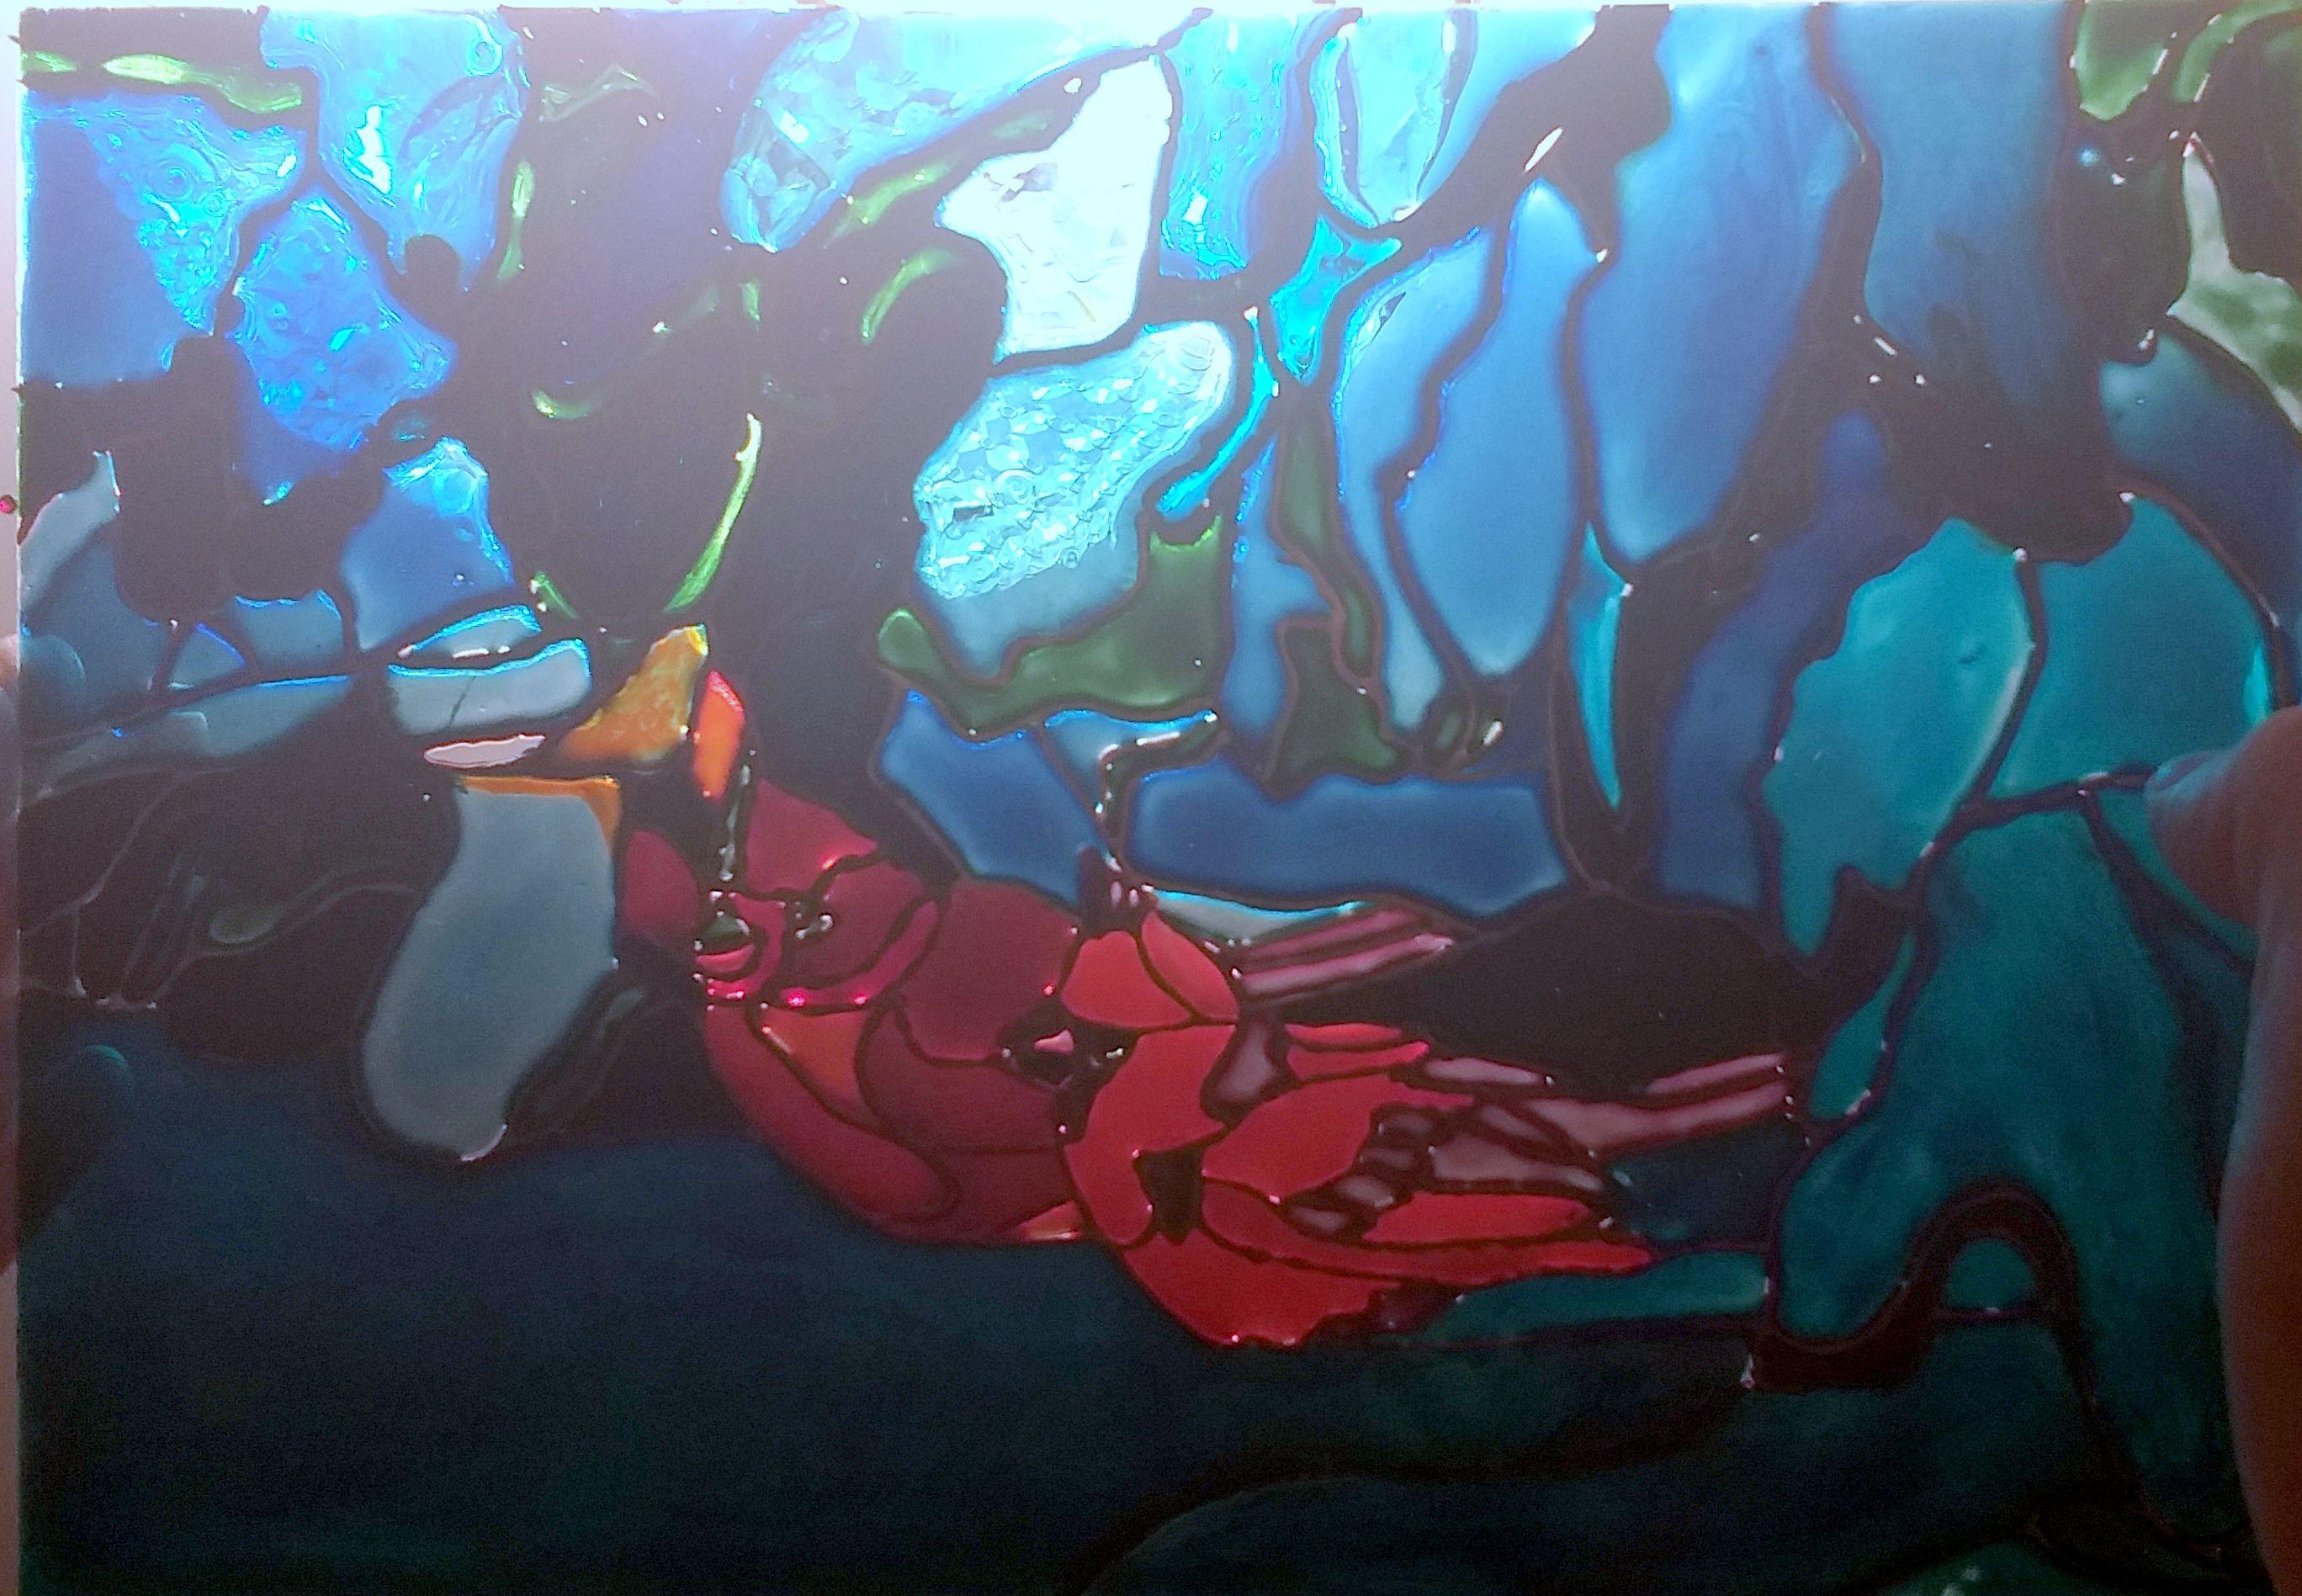 авторская арт витражная работа ручная стеклу снегирь продажа живопись роспись картины лес вещь стекло витраж